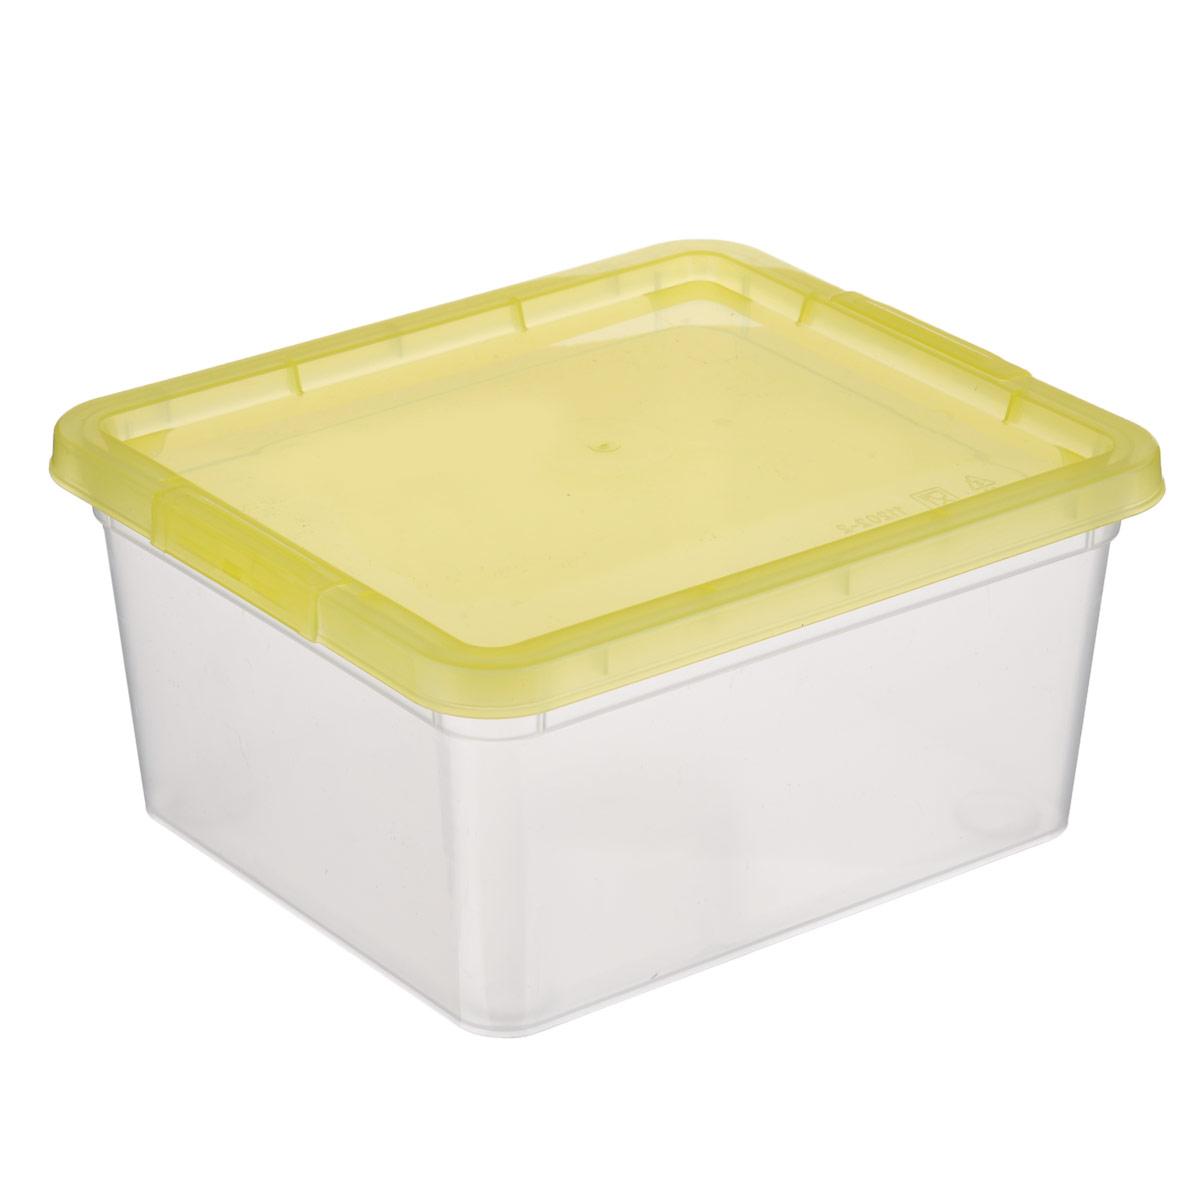 Коробка для мелочей Полимербыт, цвет: желтый, 1,9 л10503Коробка для мелочей Полимербыт изготовлена из прочного пластика. Стенки изделия прозрачные, что позволяет видеть содержимое. Цветная полупрозрачная крышка плотно закрывается и легко открывается. Коробка идеально подходит для хранения различных мелких бытовых предметов, таких как канцелярские принадлежности, аксессуары для рукоделия и т.д. Такая коробка сохранит все мелкие предметы в одном месте и поможет поддерживать в доме порядок.